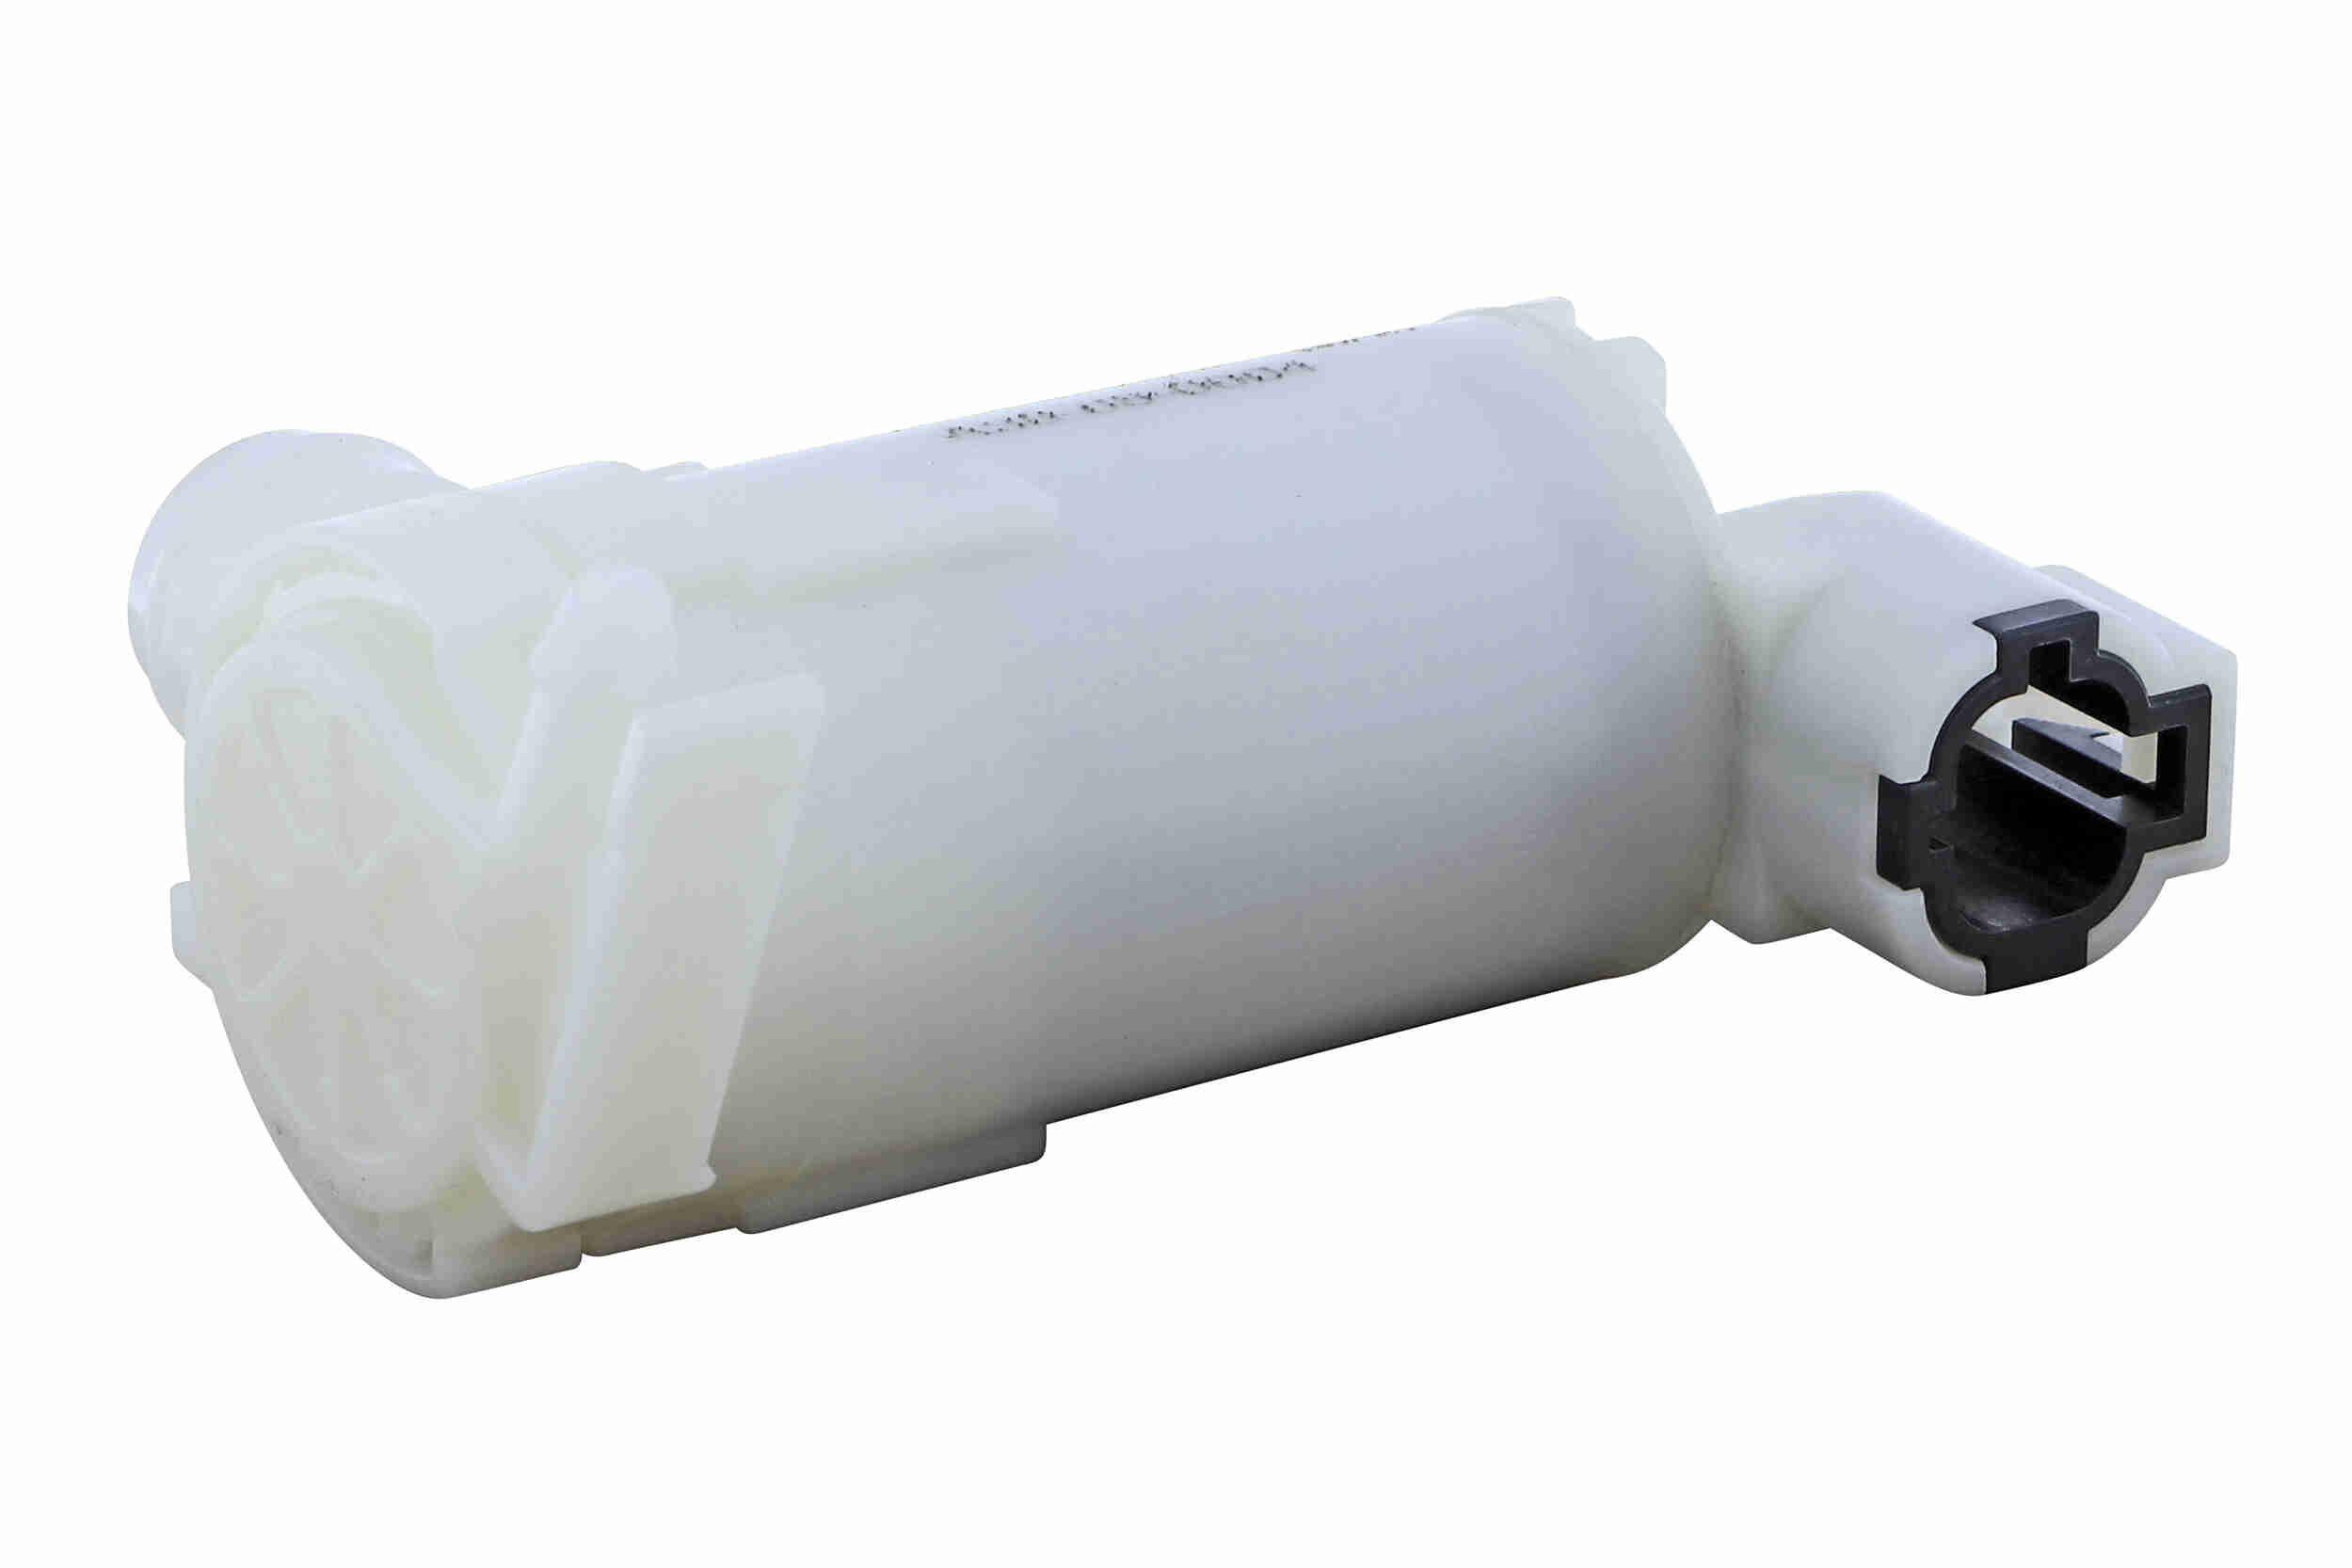 Waschwasserpumpe A38-08-0004 ACKOJA A38-08-0004 in Original Qualität